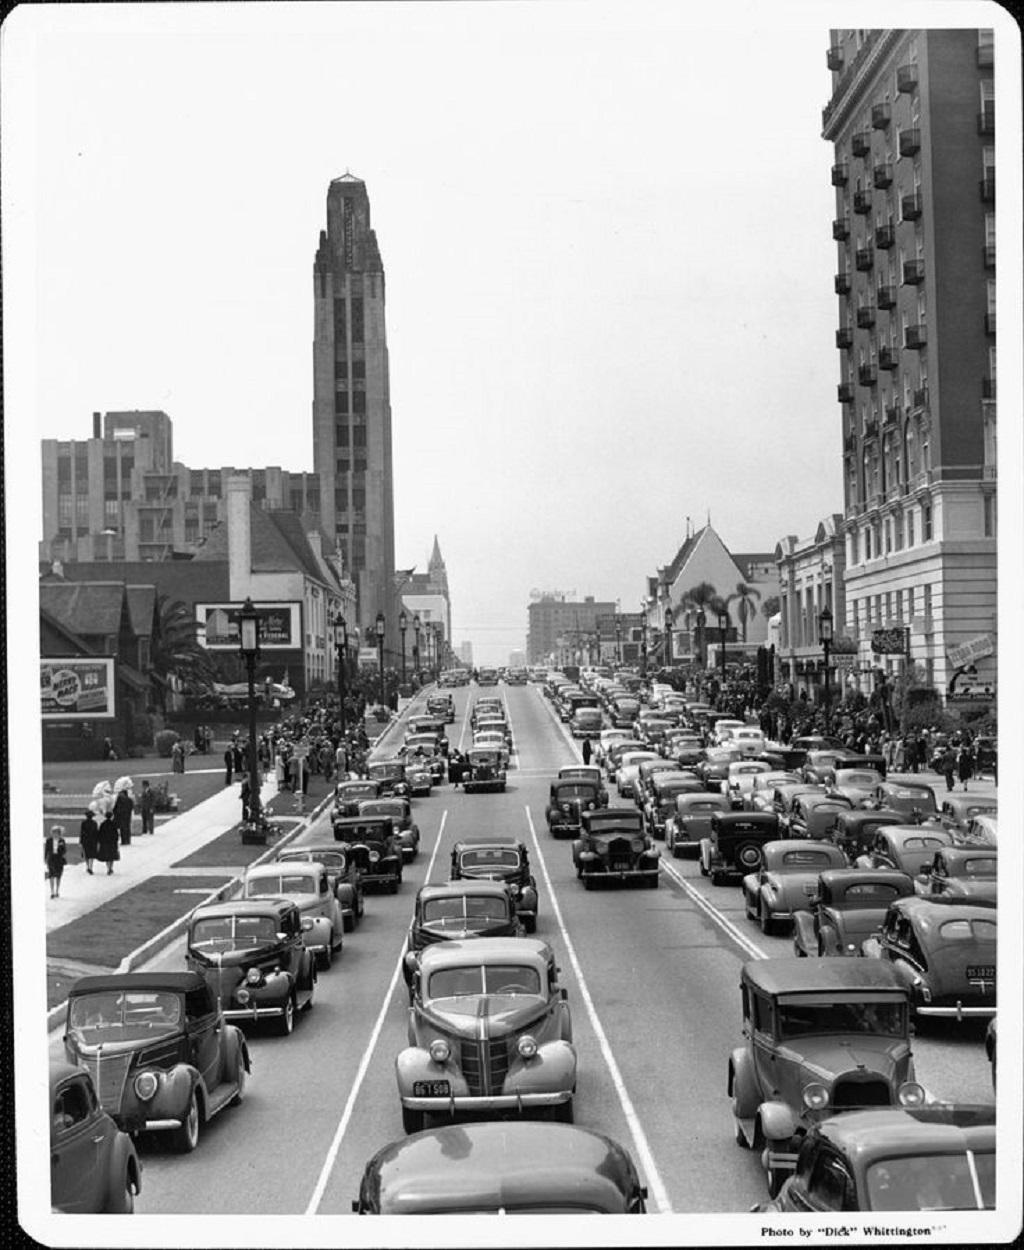 AbakusPlace: Old Photos Of LA